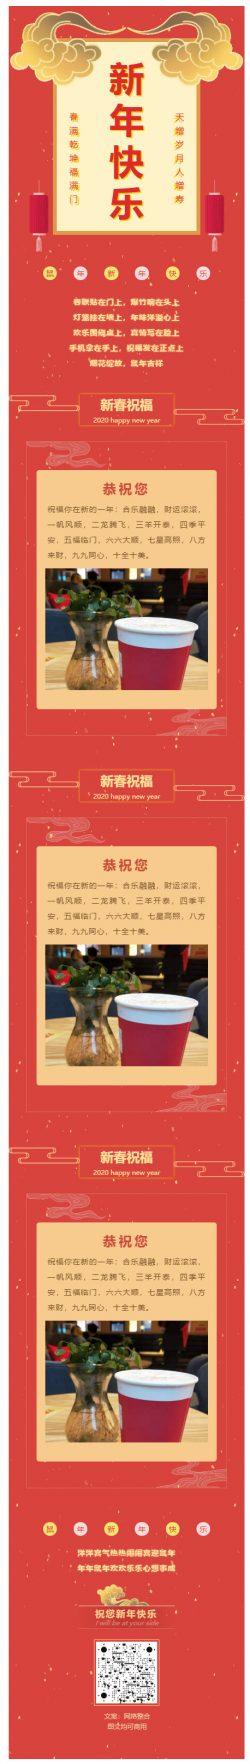 新春祝福鼠年元旦红色风格素材模板微信公众号图文素材推送推文